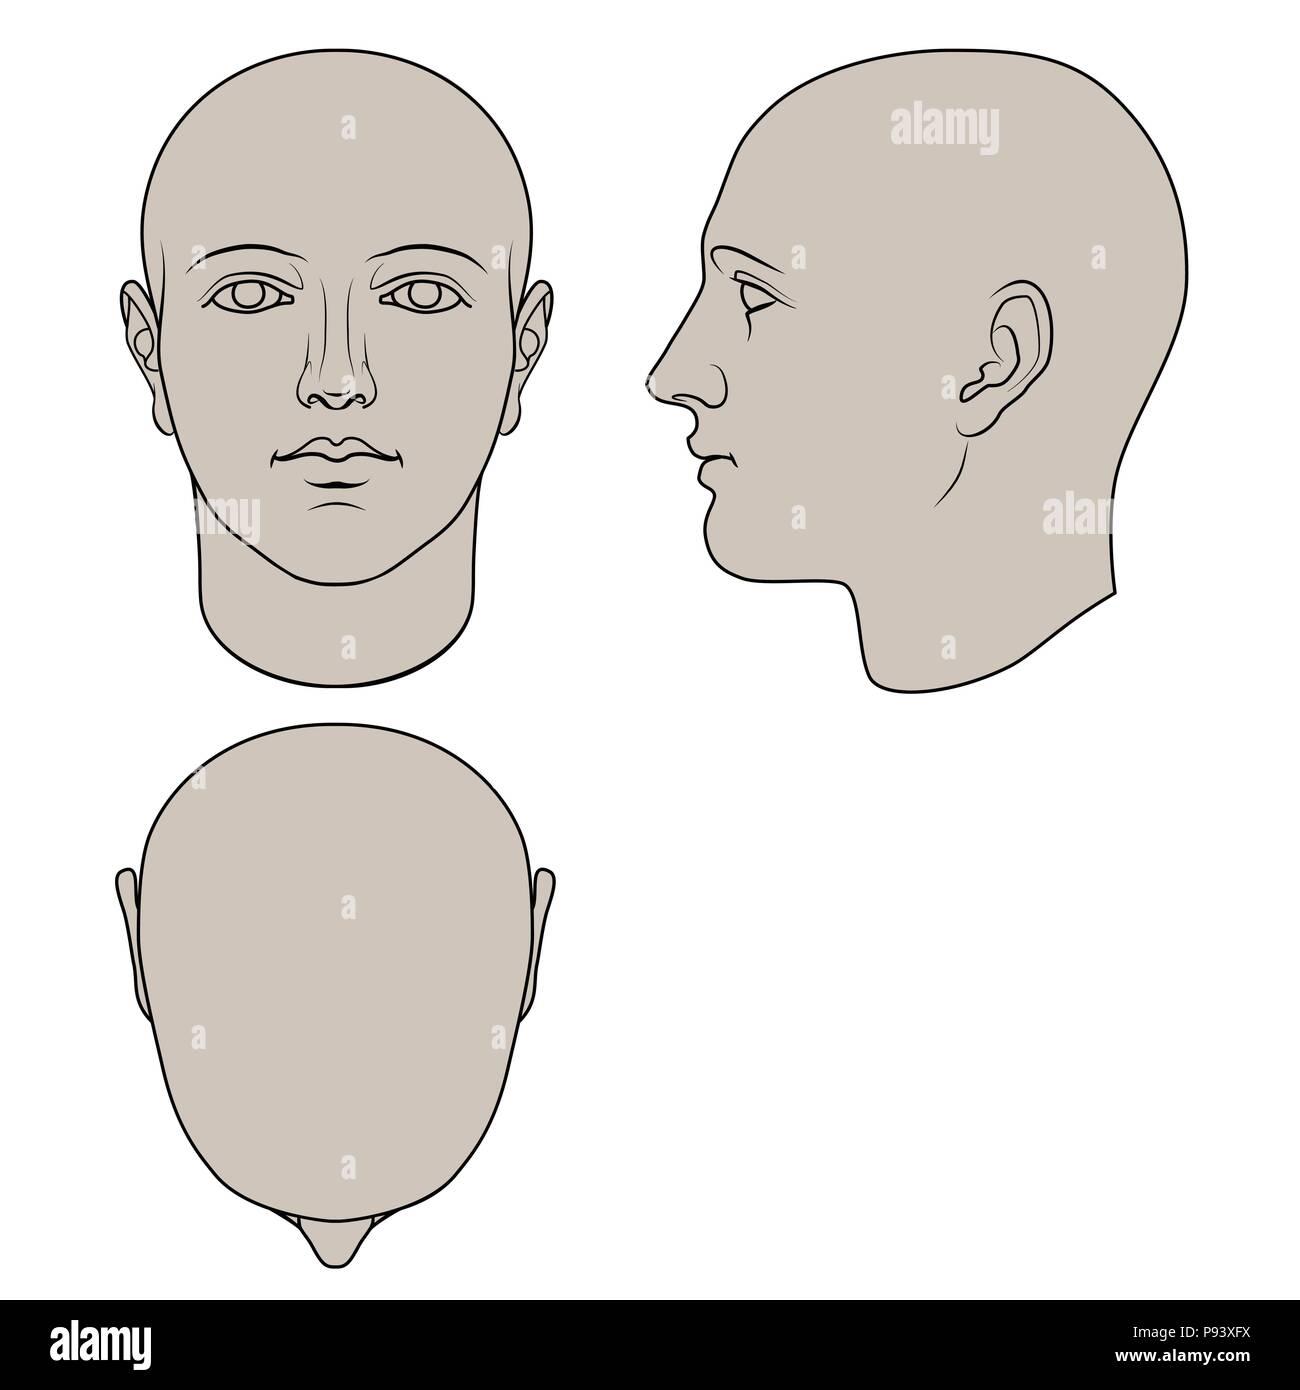 Cabeza humana dibujados a mano en la cara, perfil y vistas superiores. Vector plano aislado sobre fondo blanco. Los dibujos pueden ser utilizados independientemente el uno del otro. Imagen De Stock